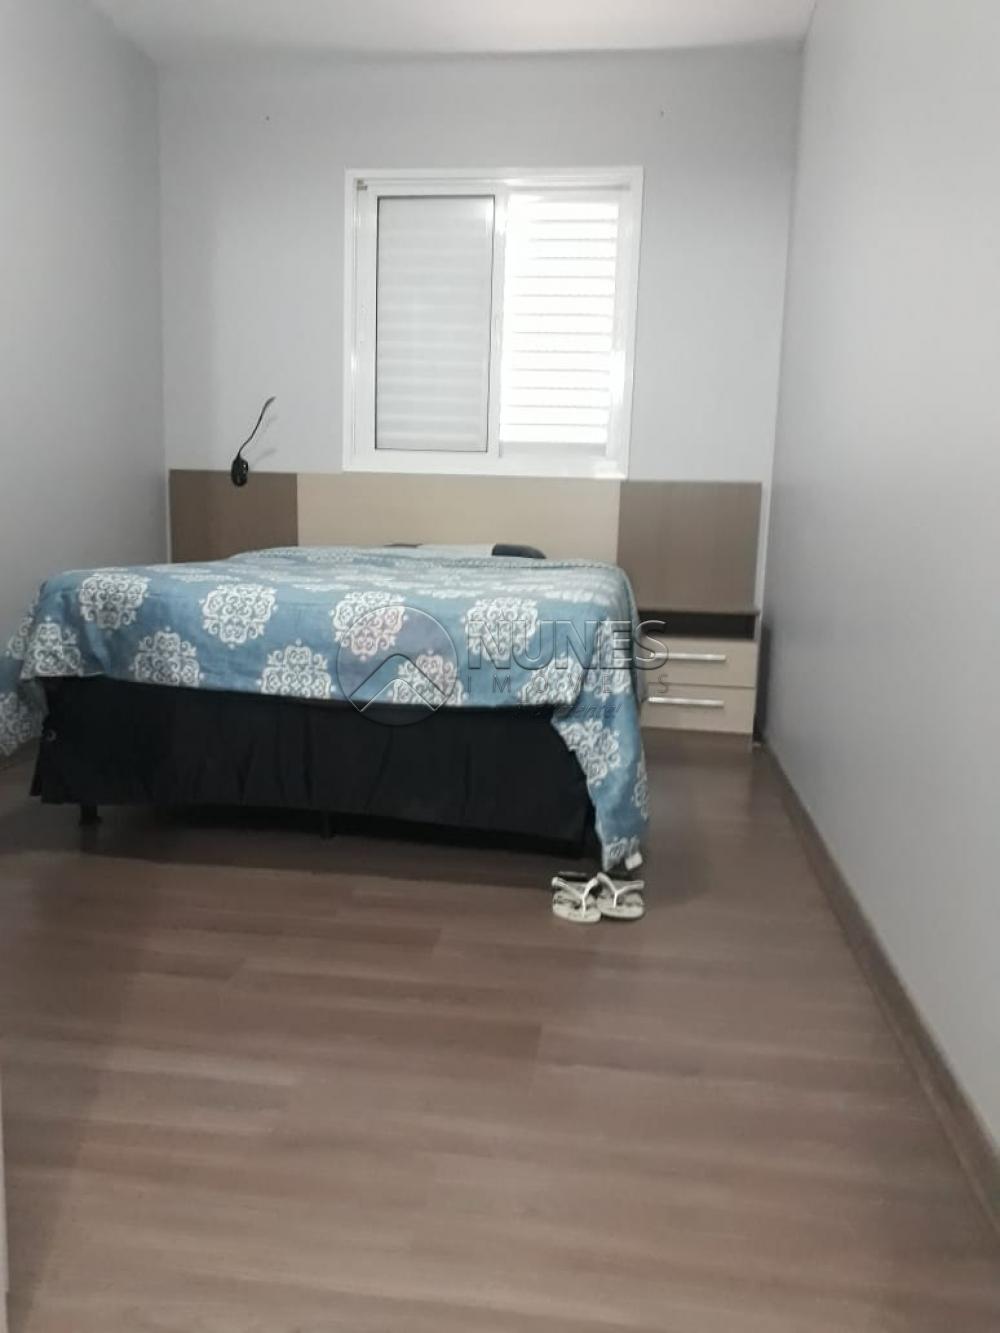 Comprar Apartamento / Padrão em Osasco apenas R$ 320.000,00 - Foto 17